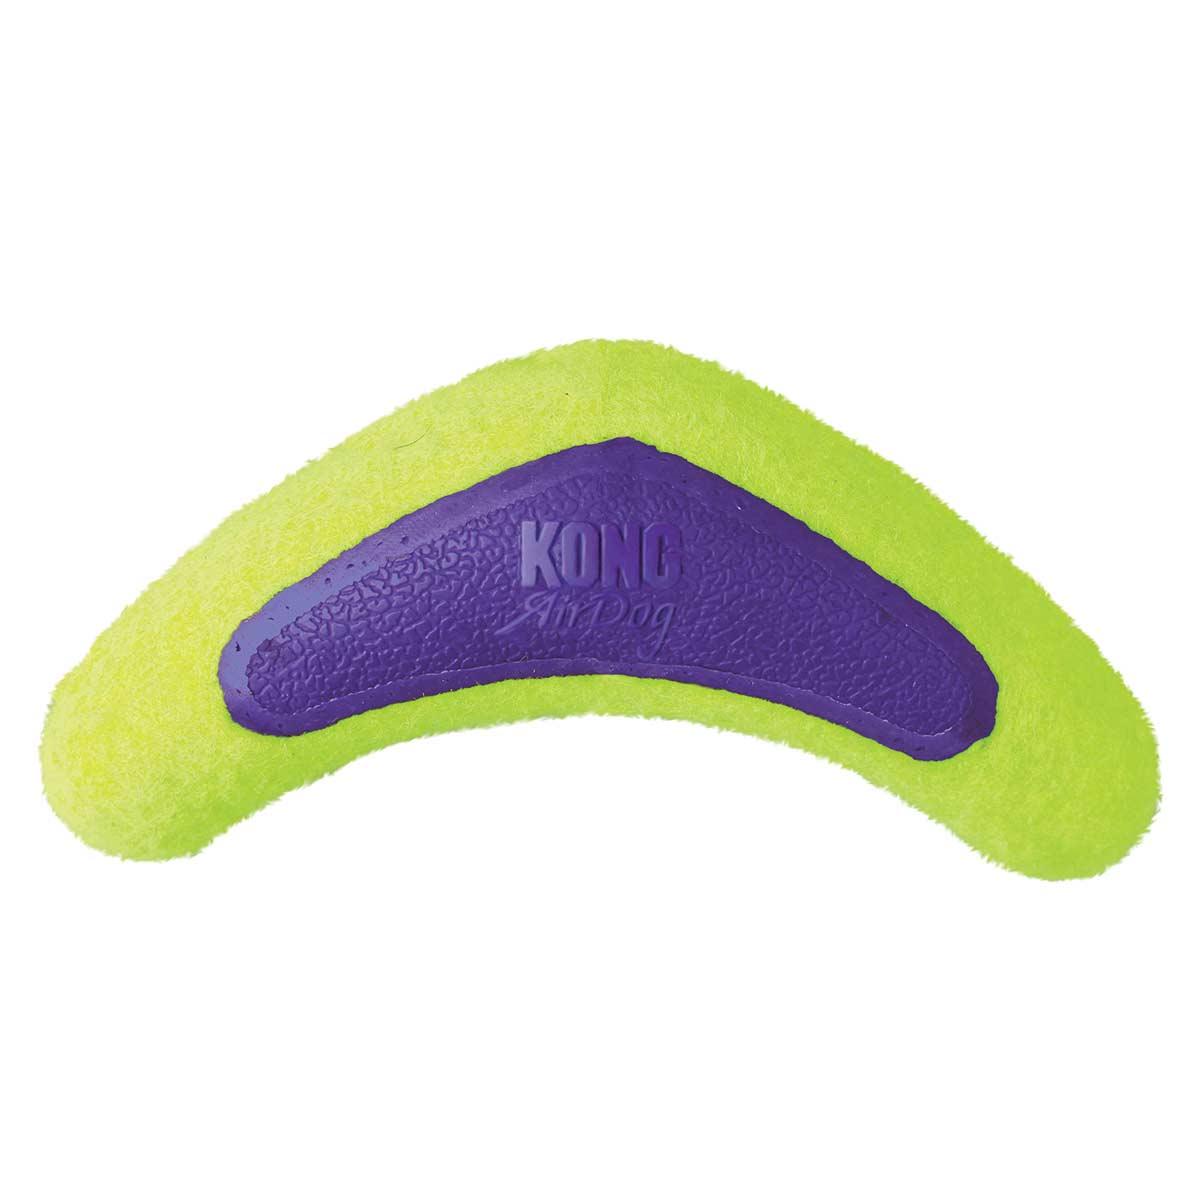 KONG AirDog Boomerang Medium Dog Toy available at Ryan's Pet Supplies